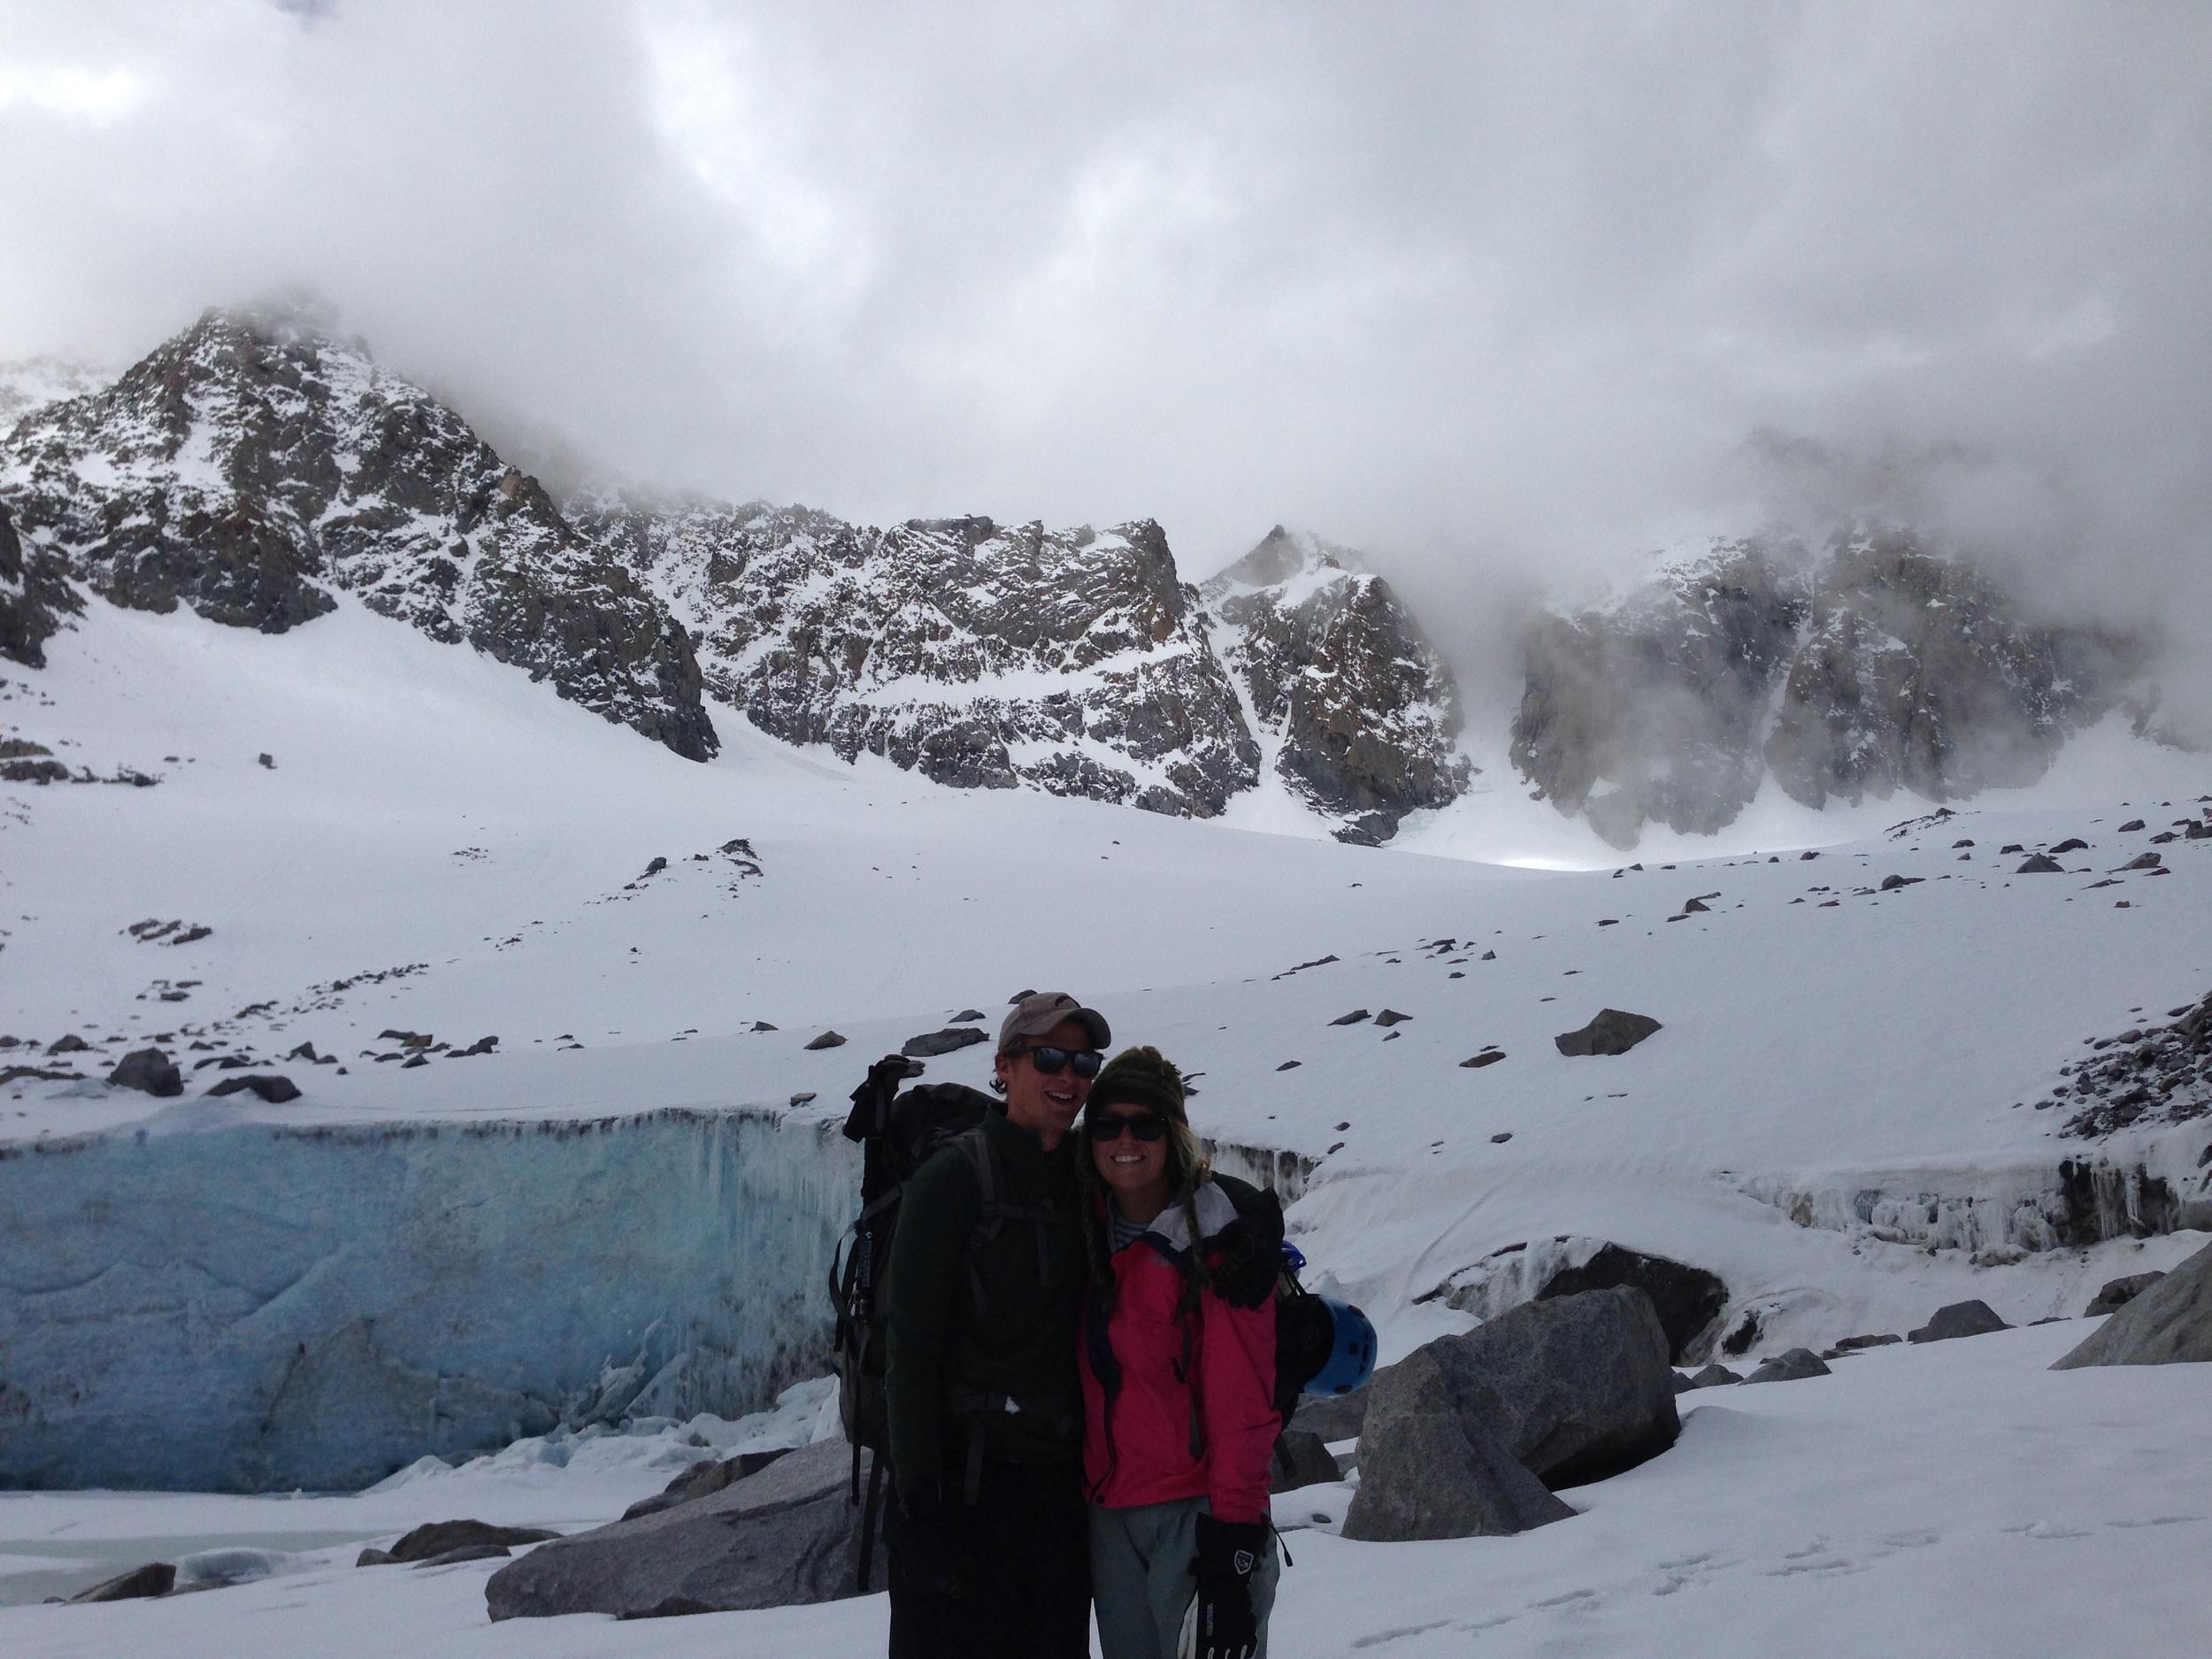 bran and bnna at base of glacier